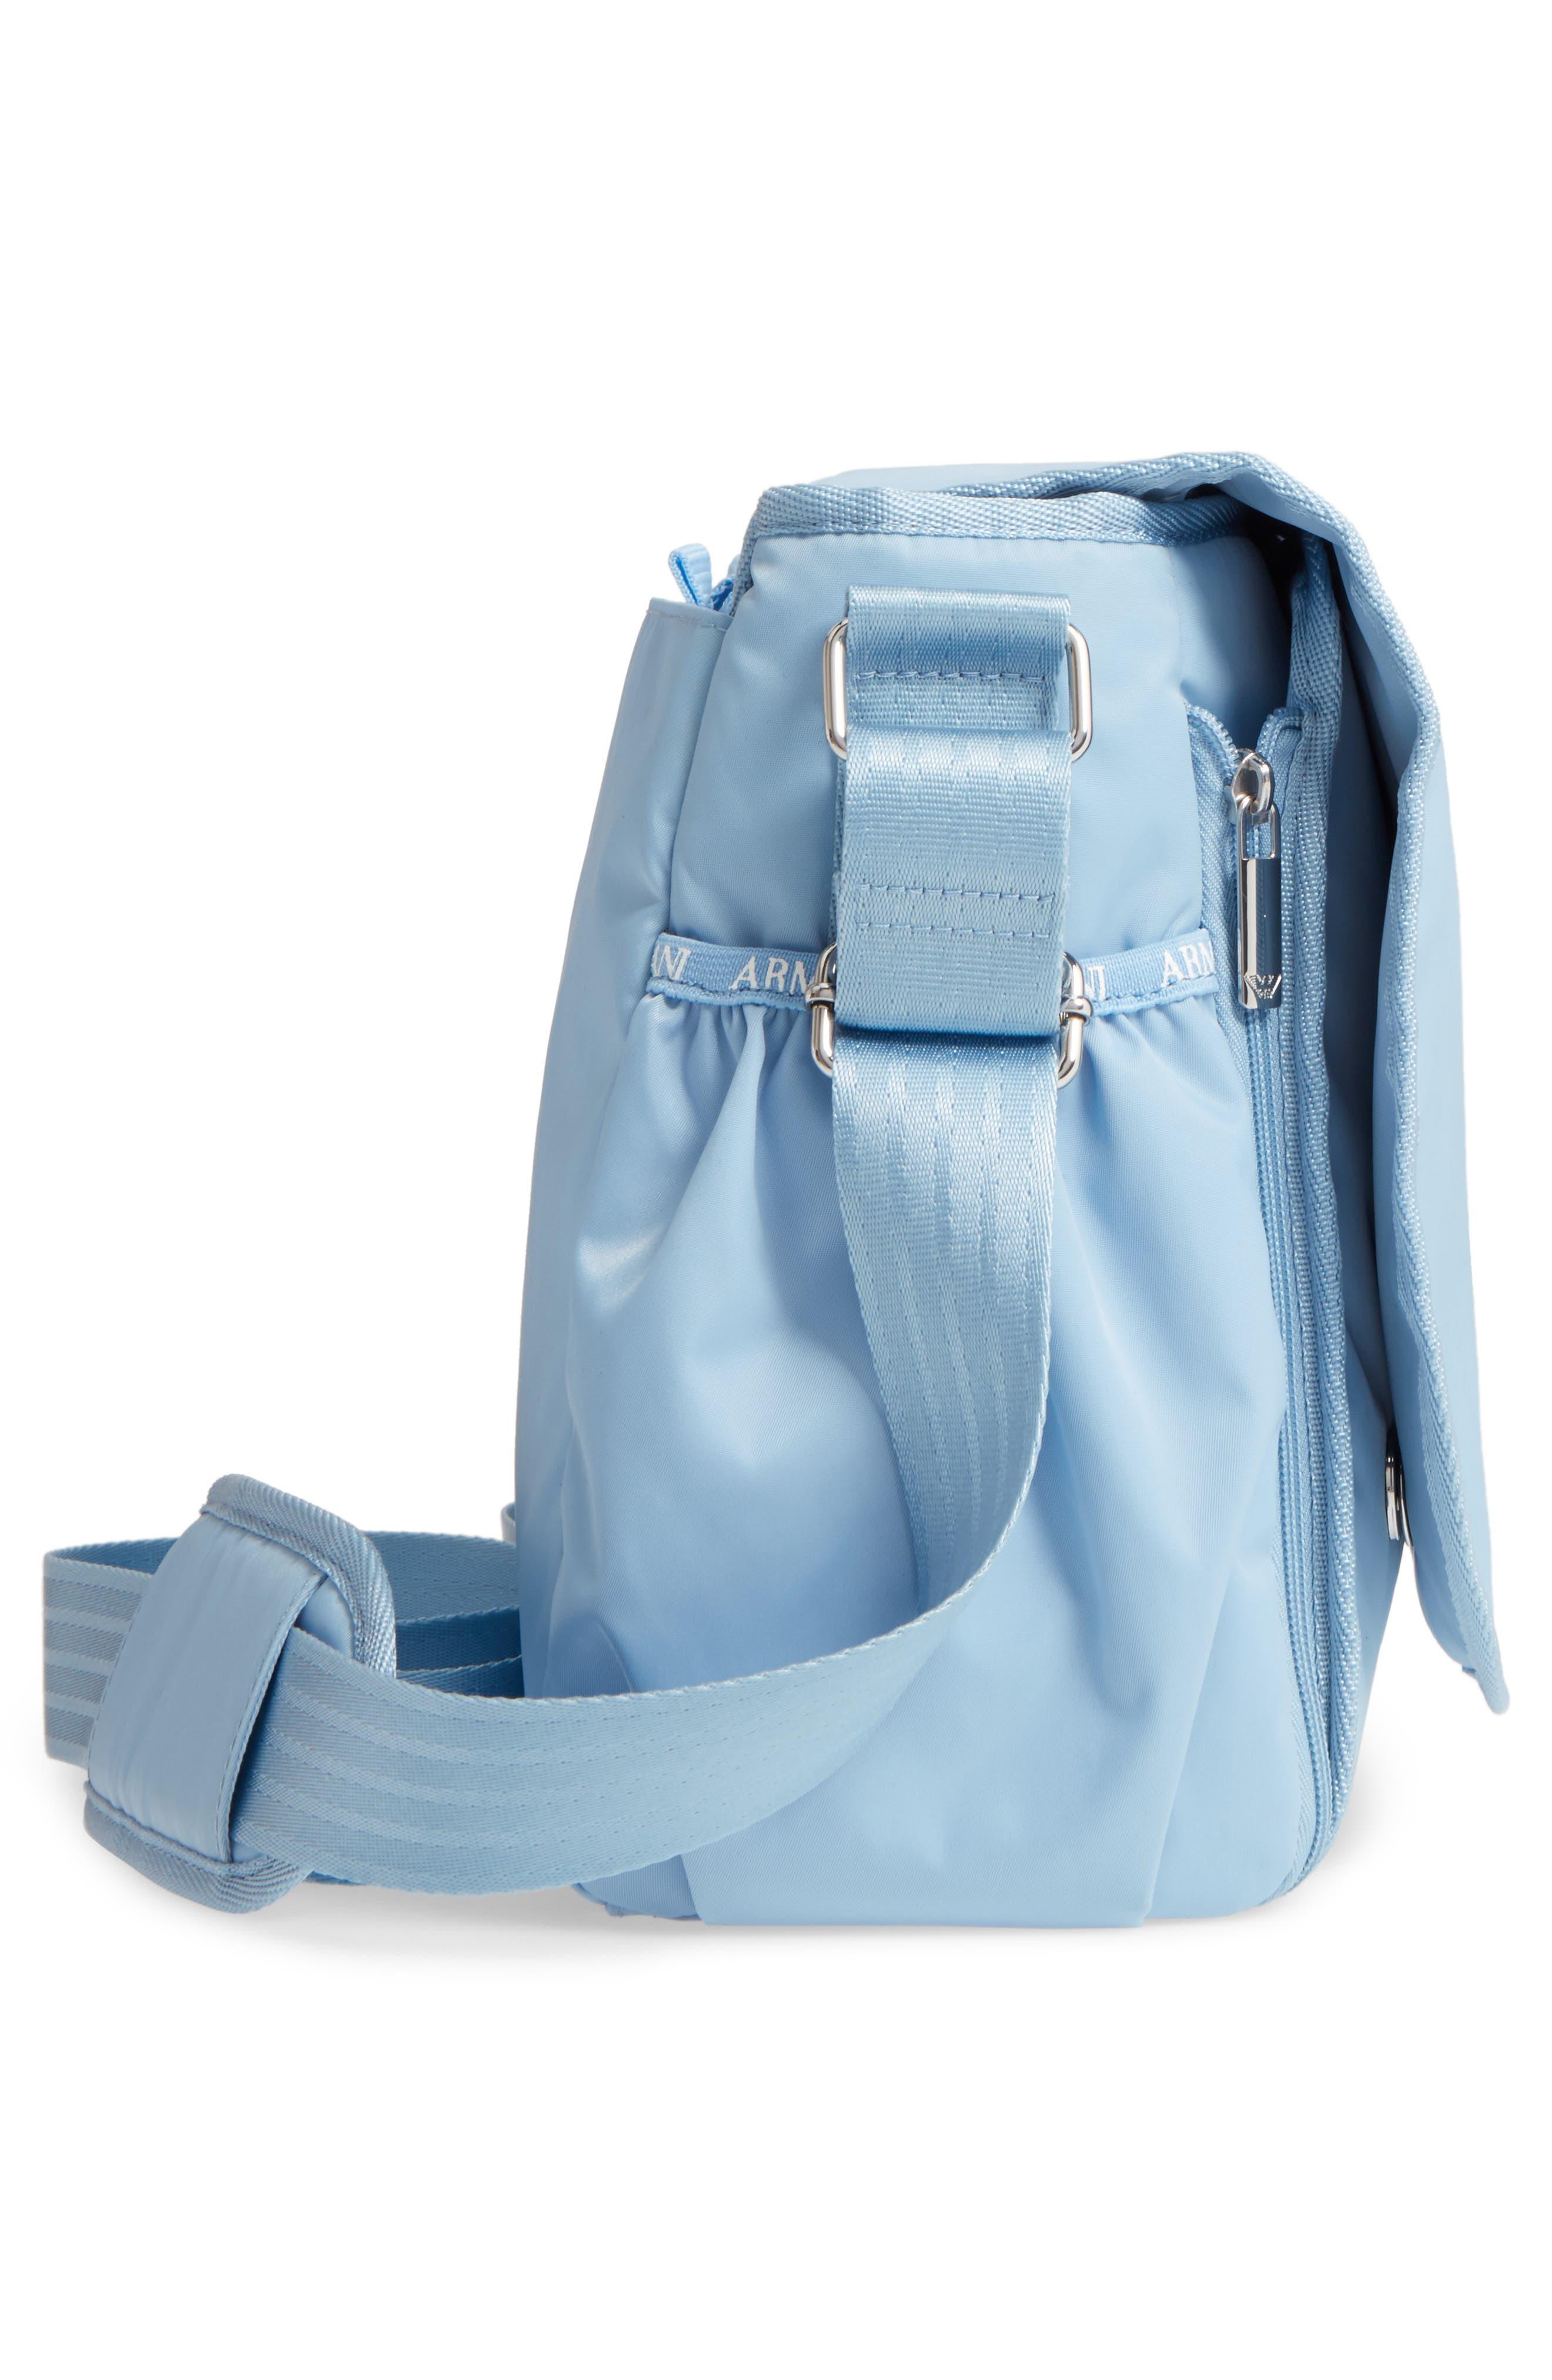 Nylon Messenger Diaper Bag,                             Alternate thumbnail 5, color,                             Light Blue